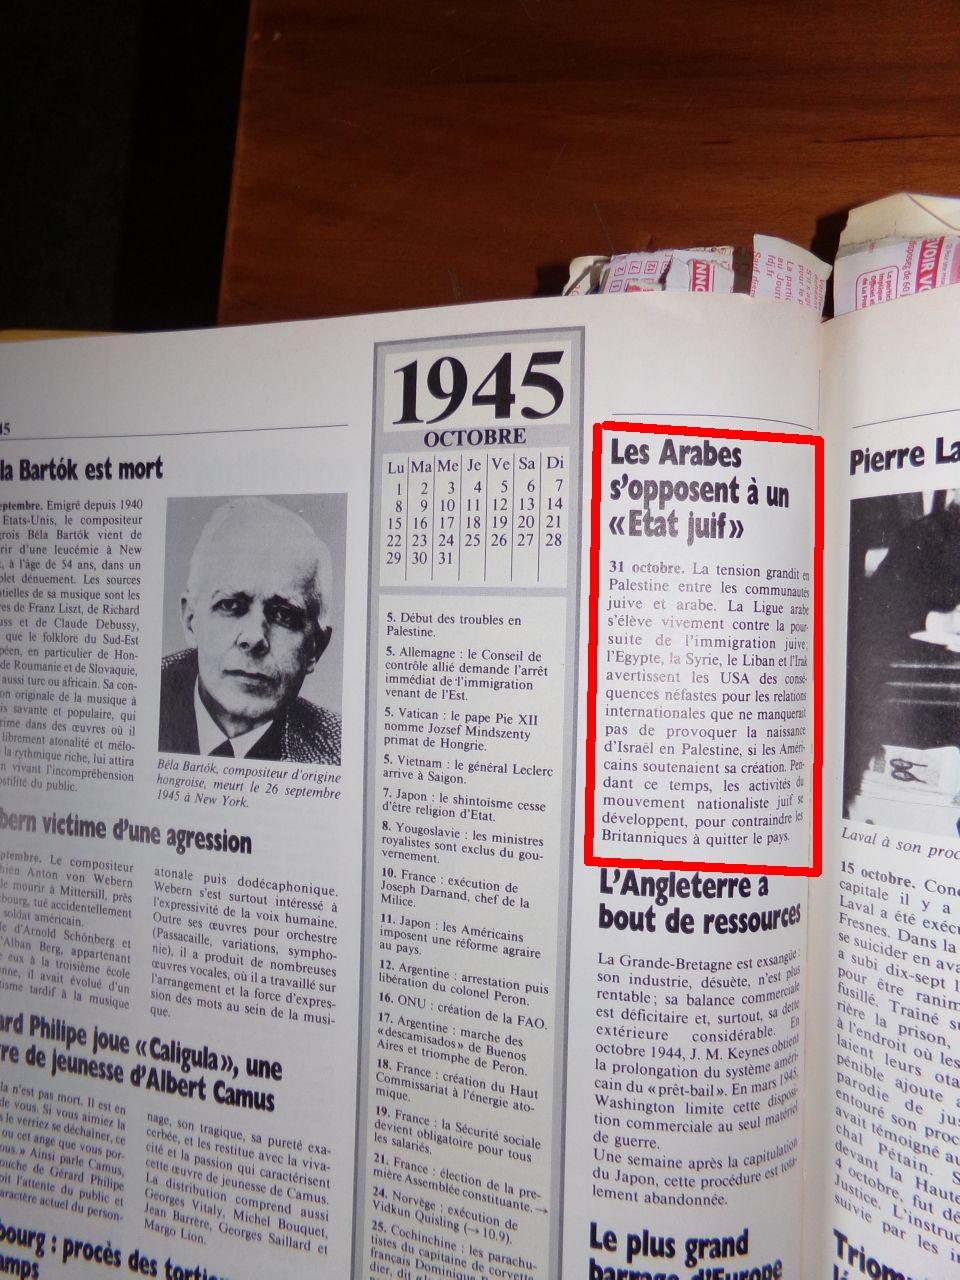 Un peu d'Histoire ...  L'origine de la création de l'état d'israël, 1947 ou 19° siècle ?  Chroniquedu20esiecle-21